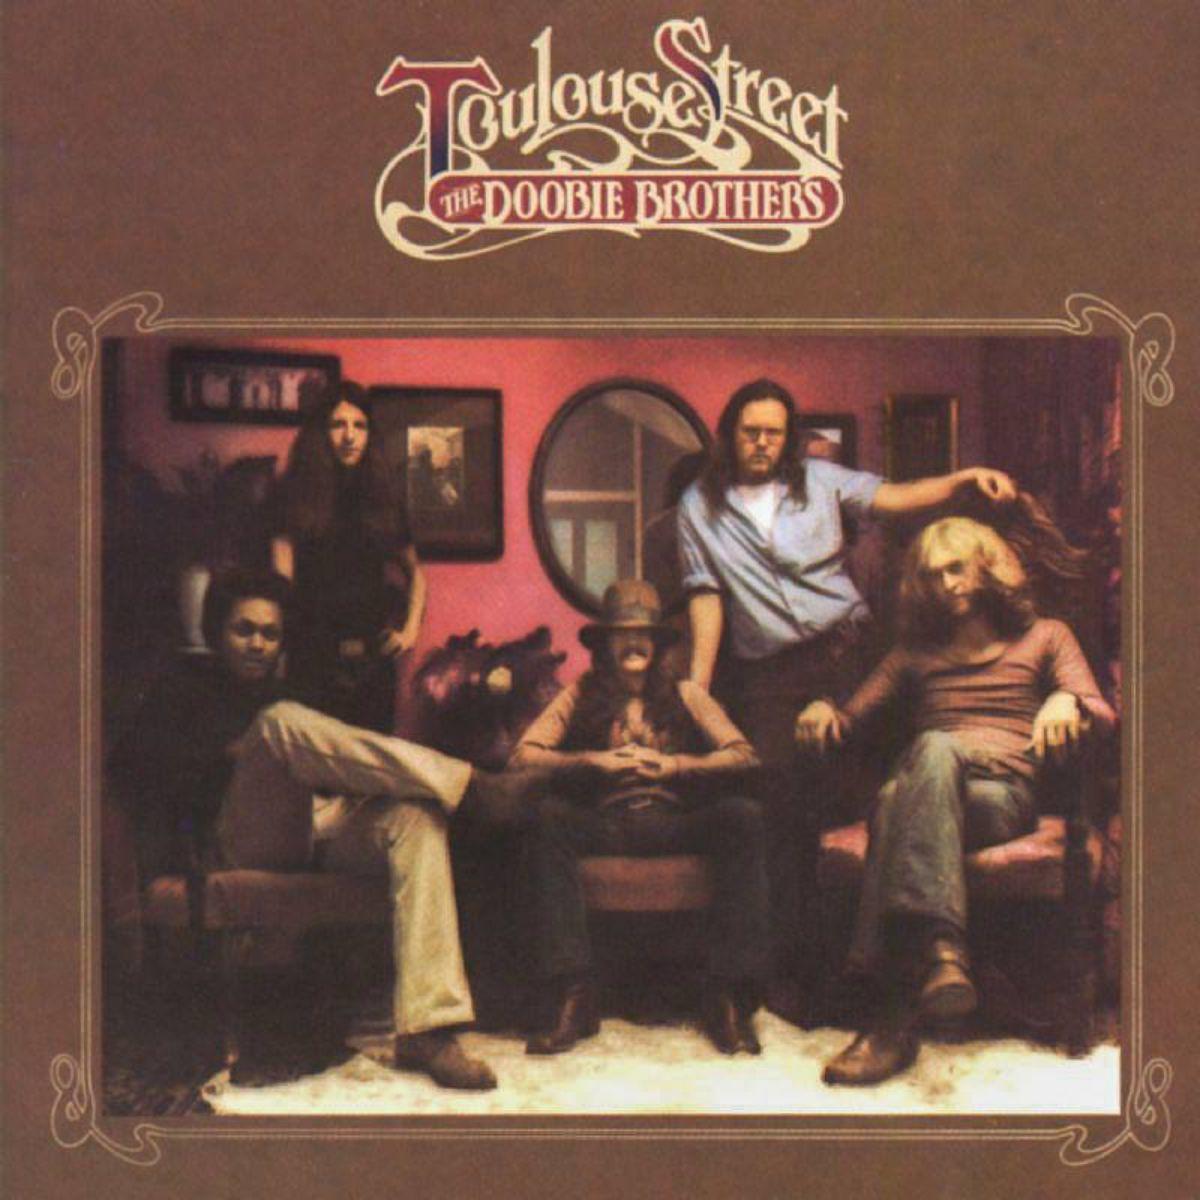 Este es uno de los discos más recordados de la banda. Fotos: Facebook.